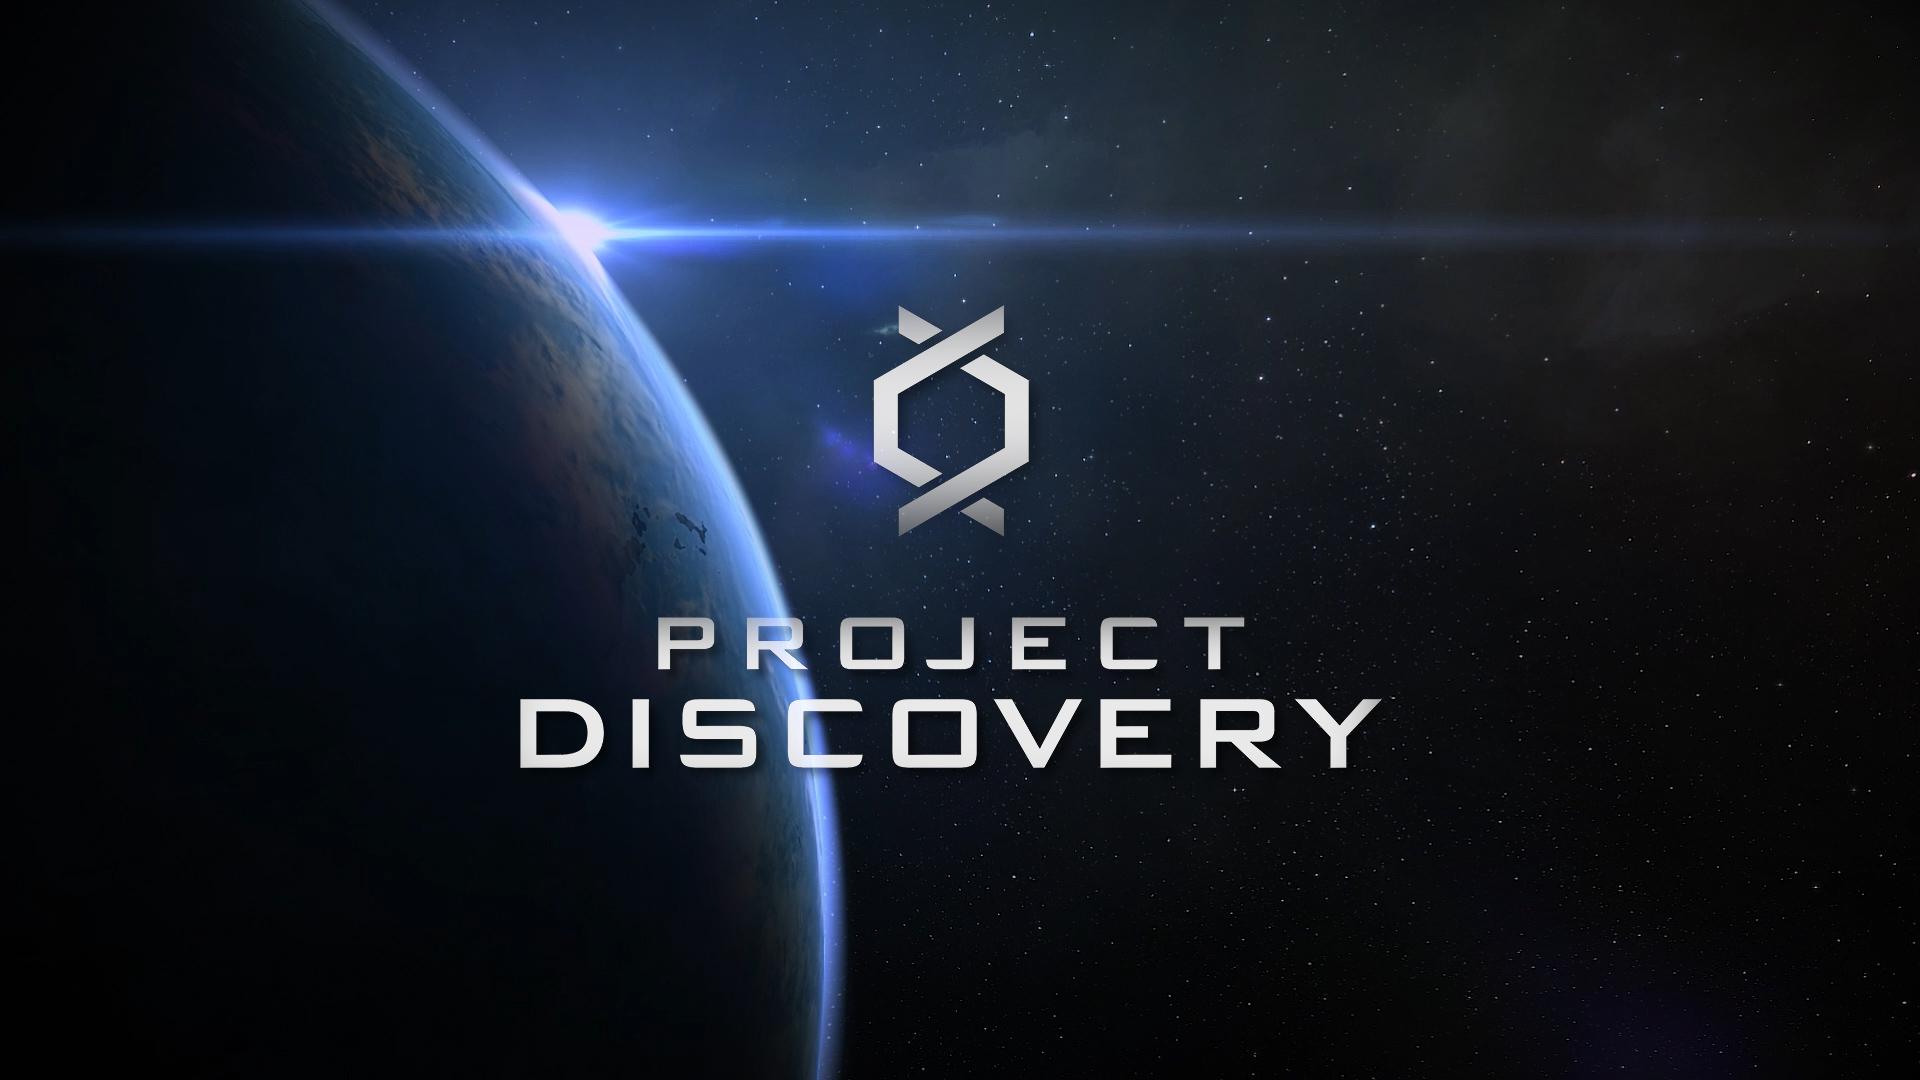 ProjectDiscovery_EN